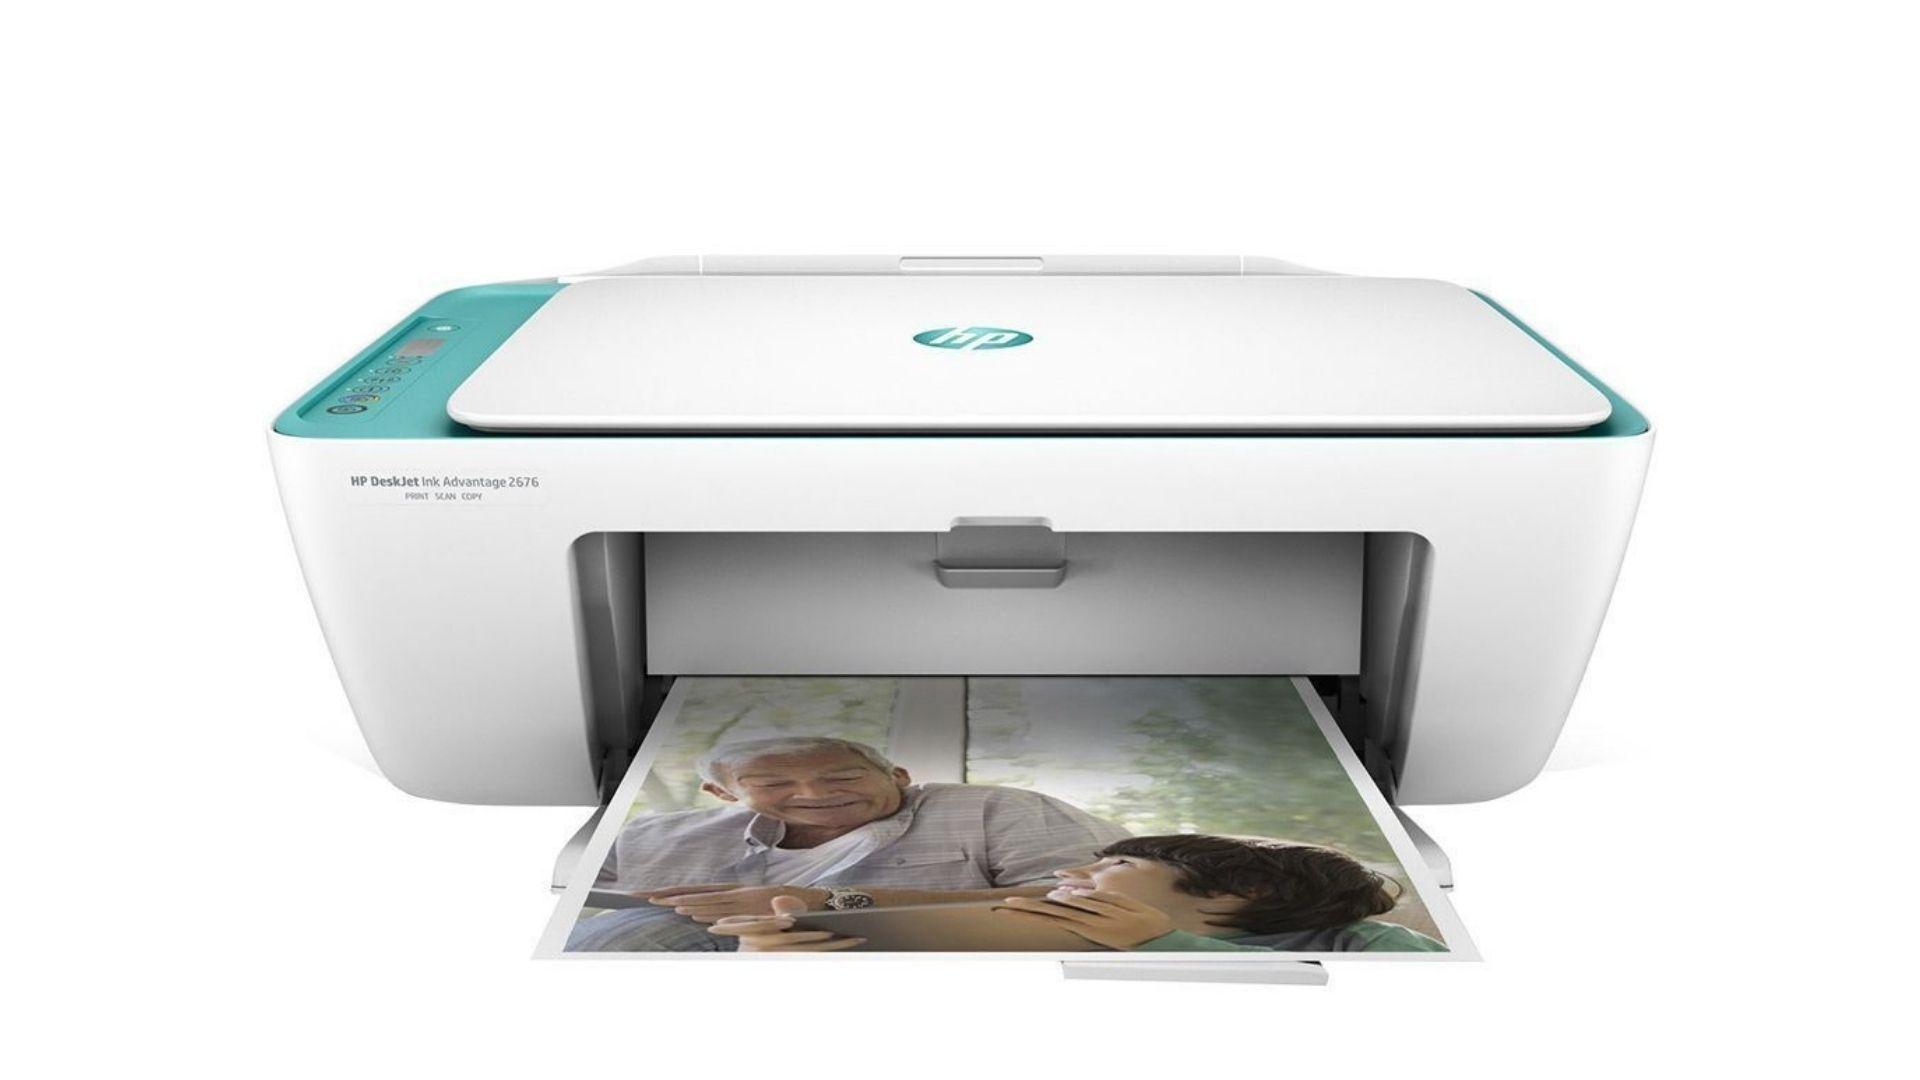 Impressora Multifuncional com foto impressa na saída